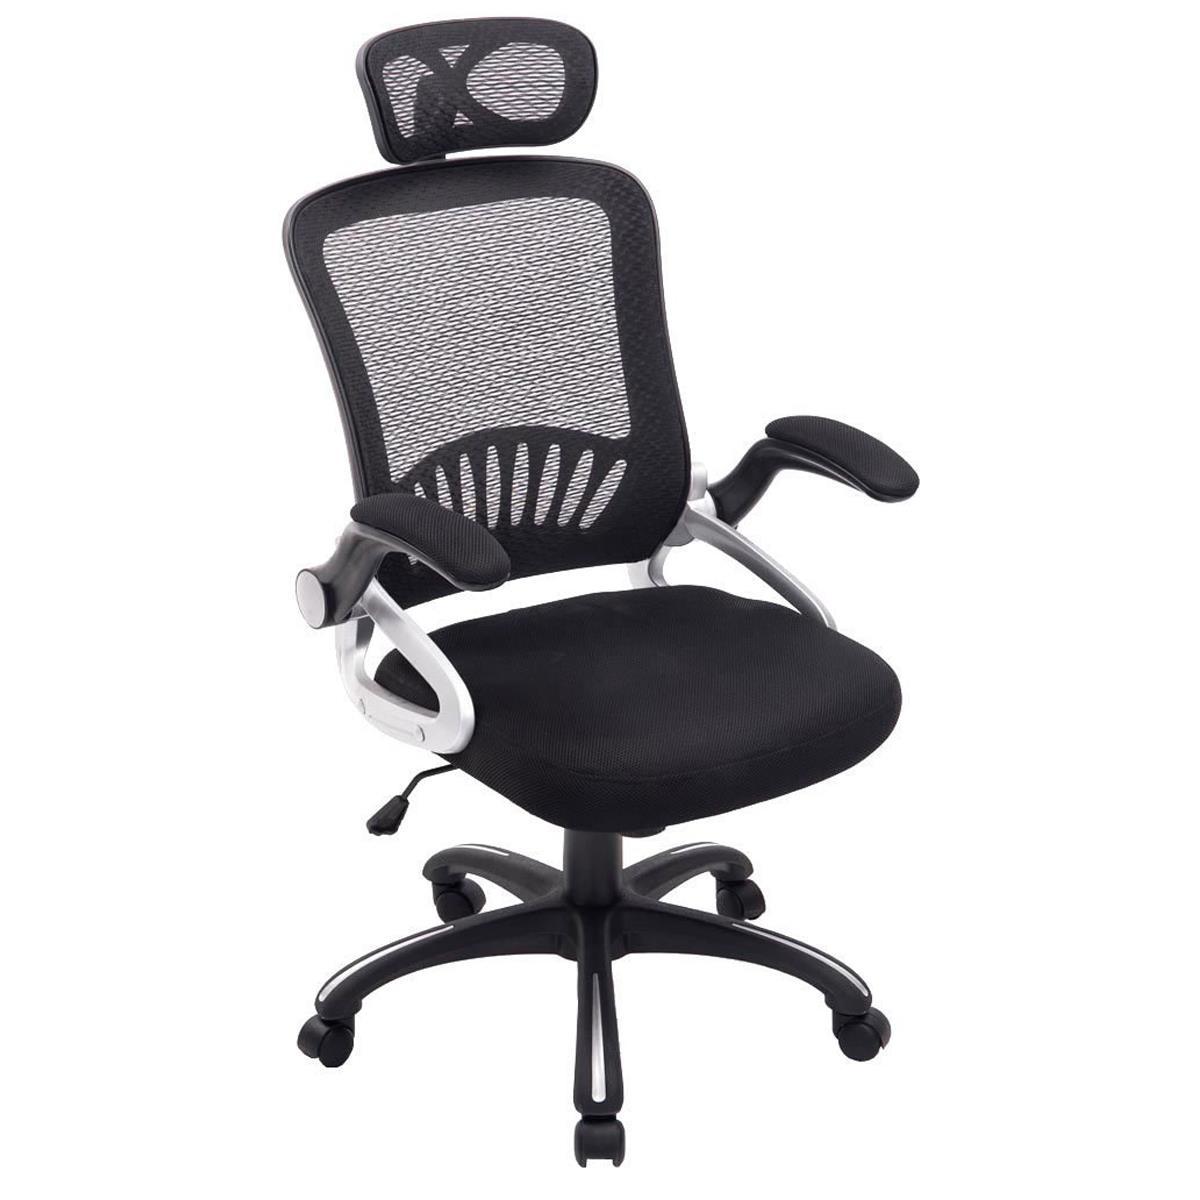 sedia ergonomica samana con sostegno lombare e